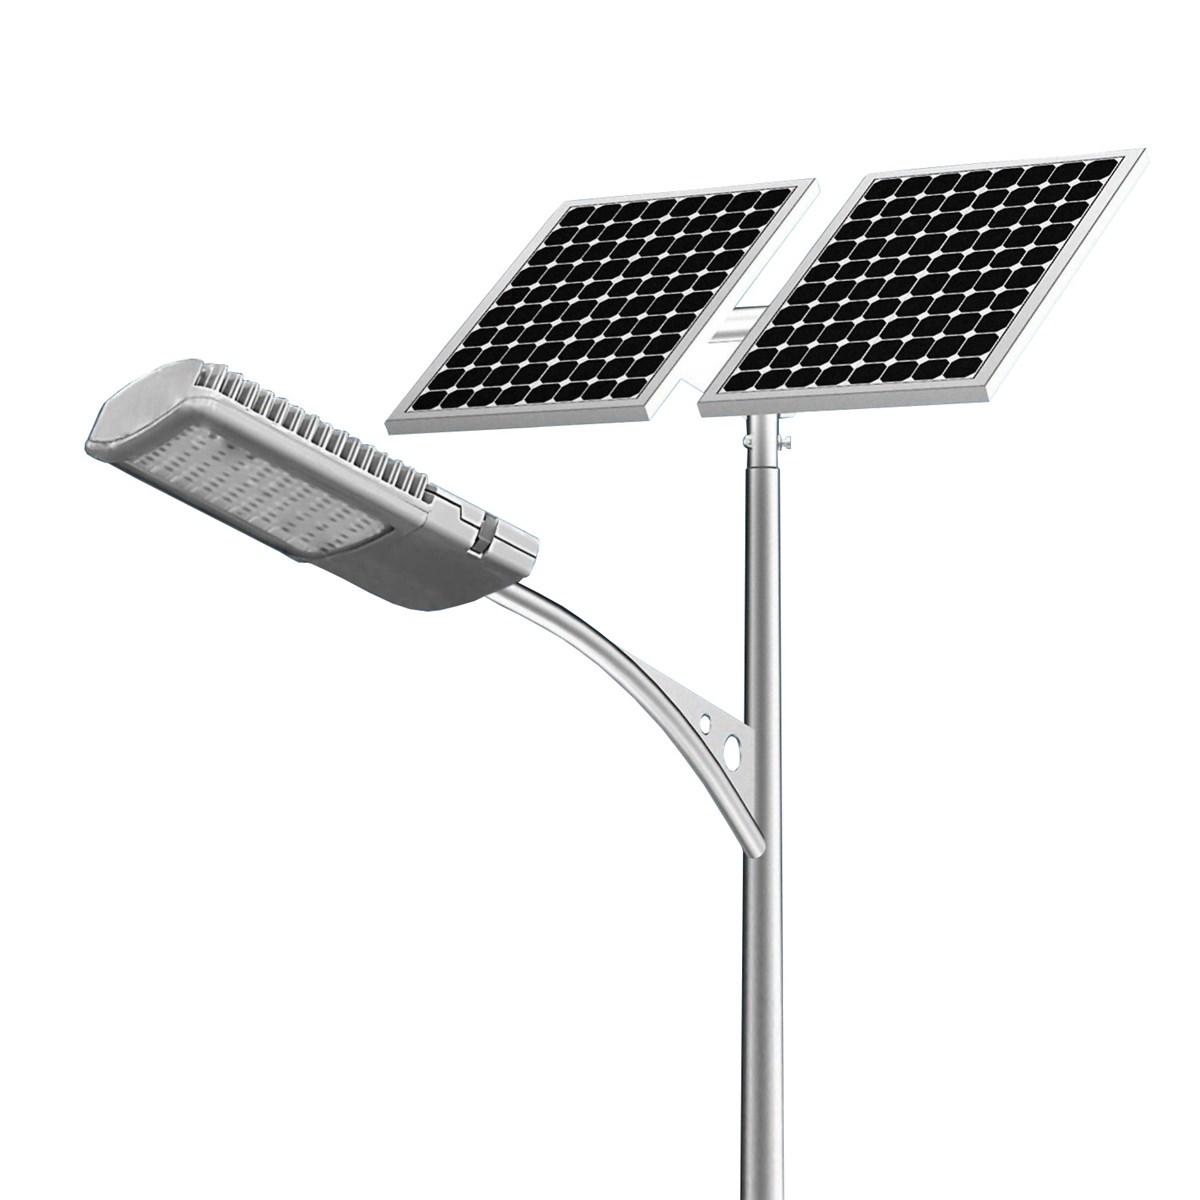 Solar LED Street Lighting Poles